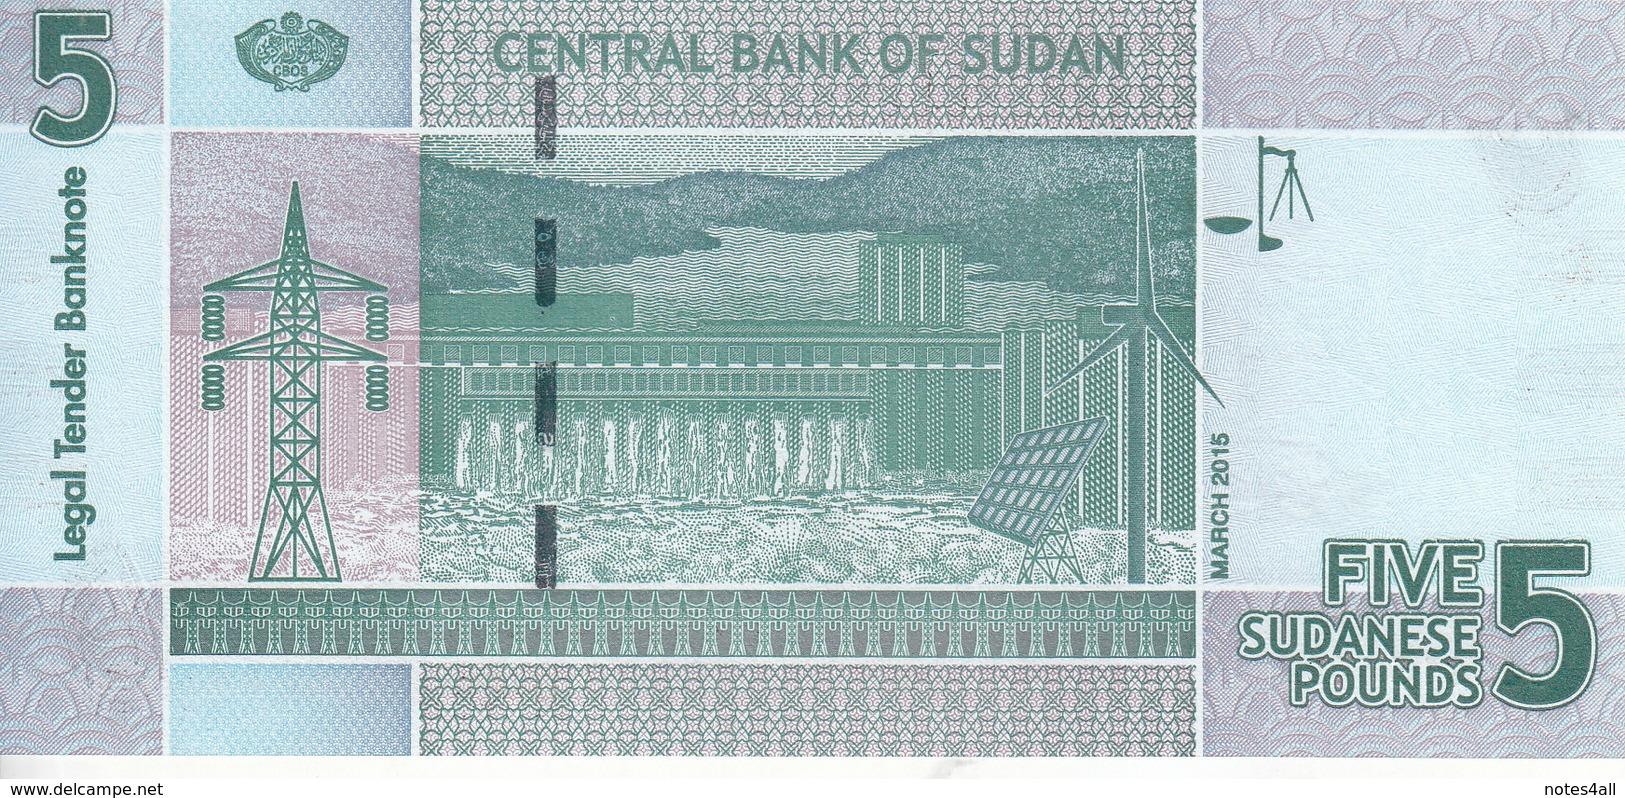 SUDAN 5 POUNDS 2015 P-72 REPLACEMENT UNC */* - Soudan